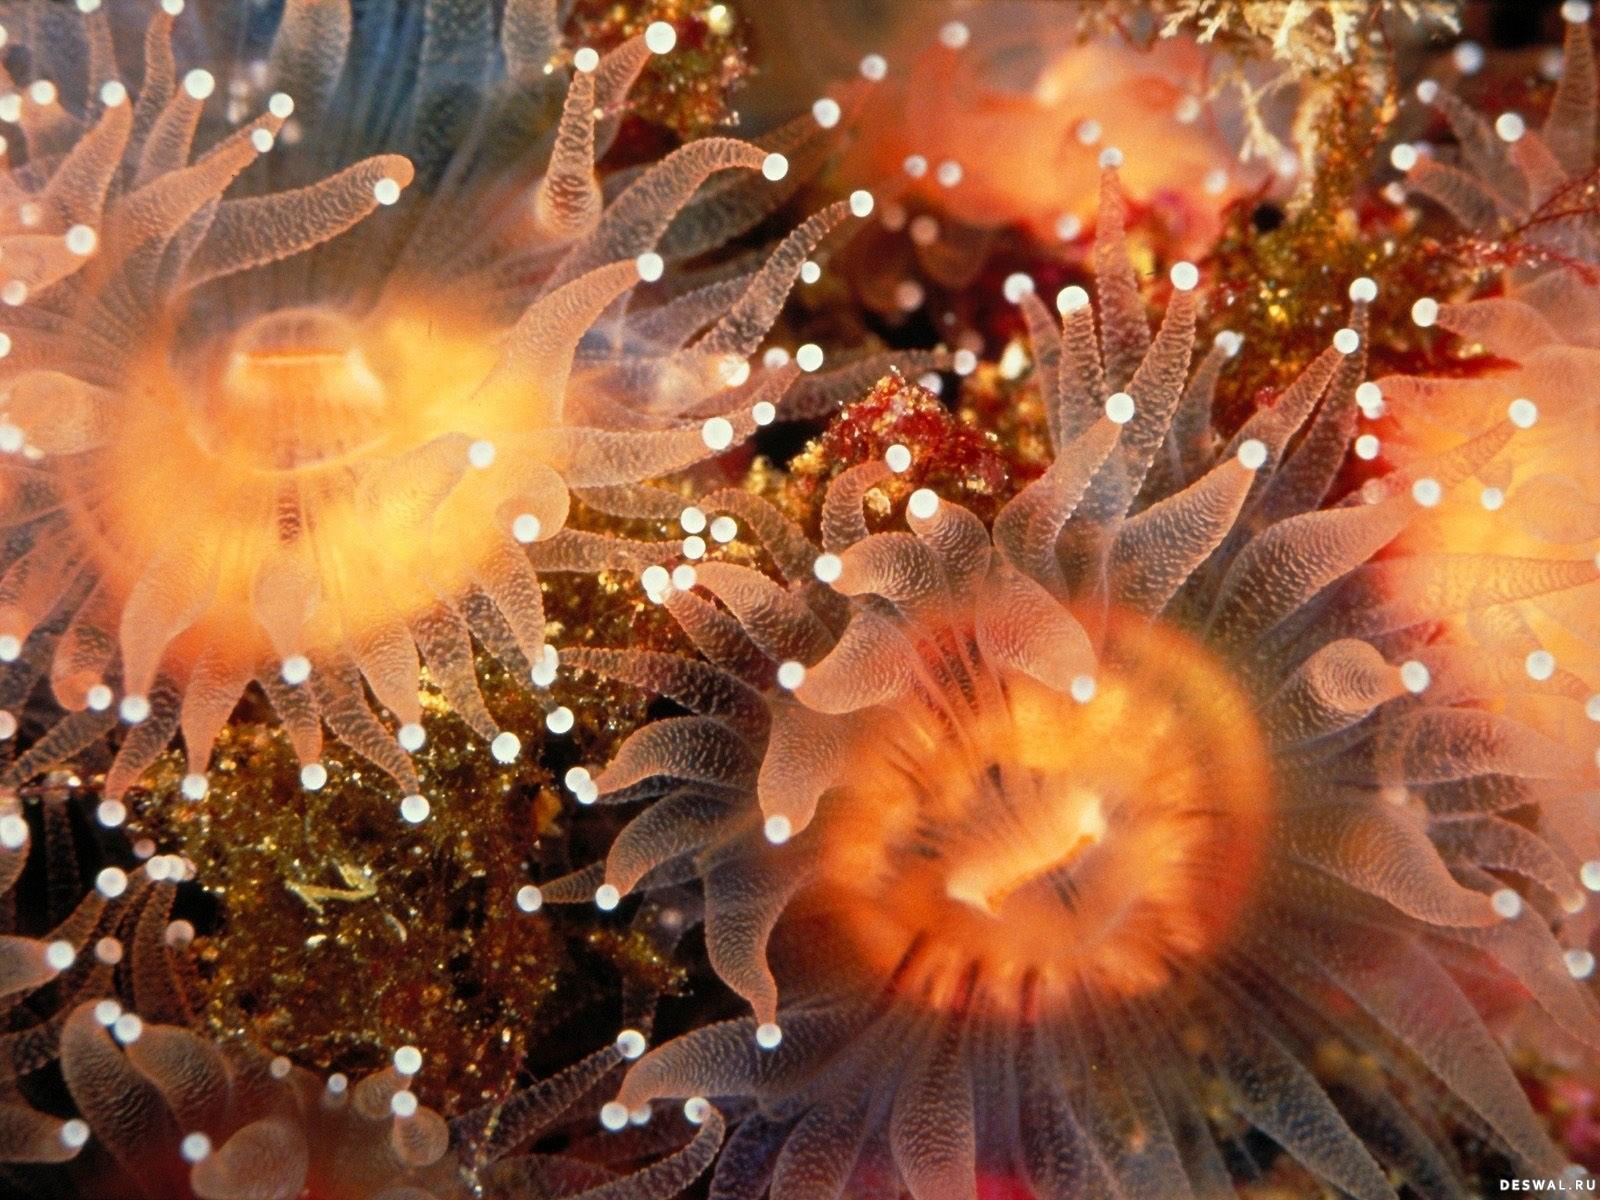 Фото 28. Нажмите на картинку с обоями подводного мира, чтобы просмотреть ее в реальном размере